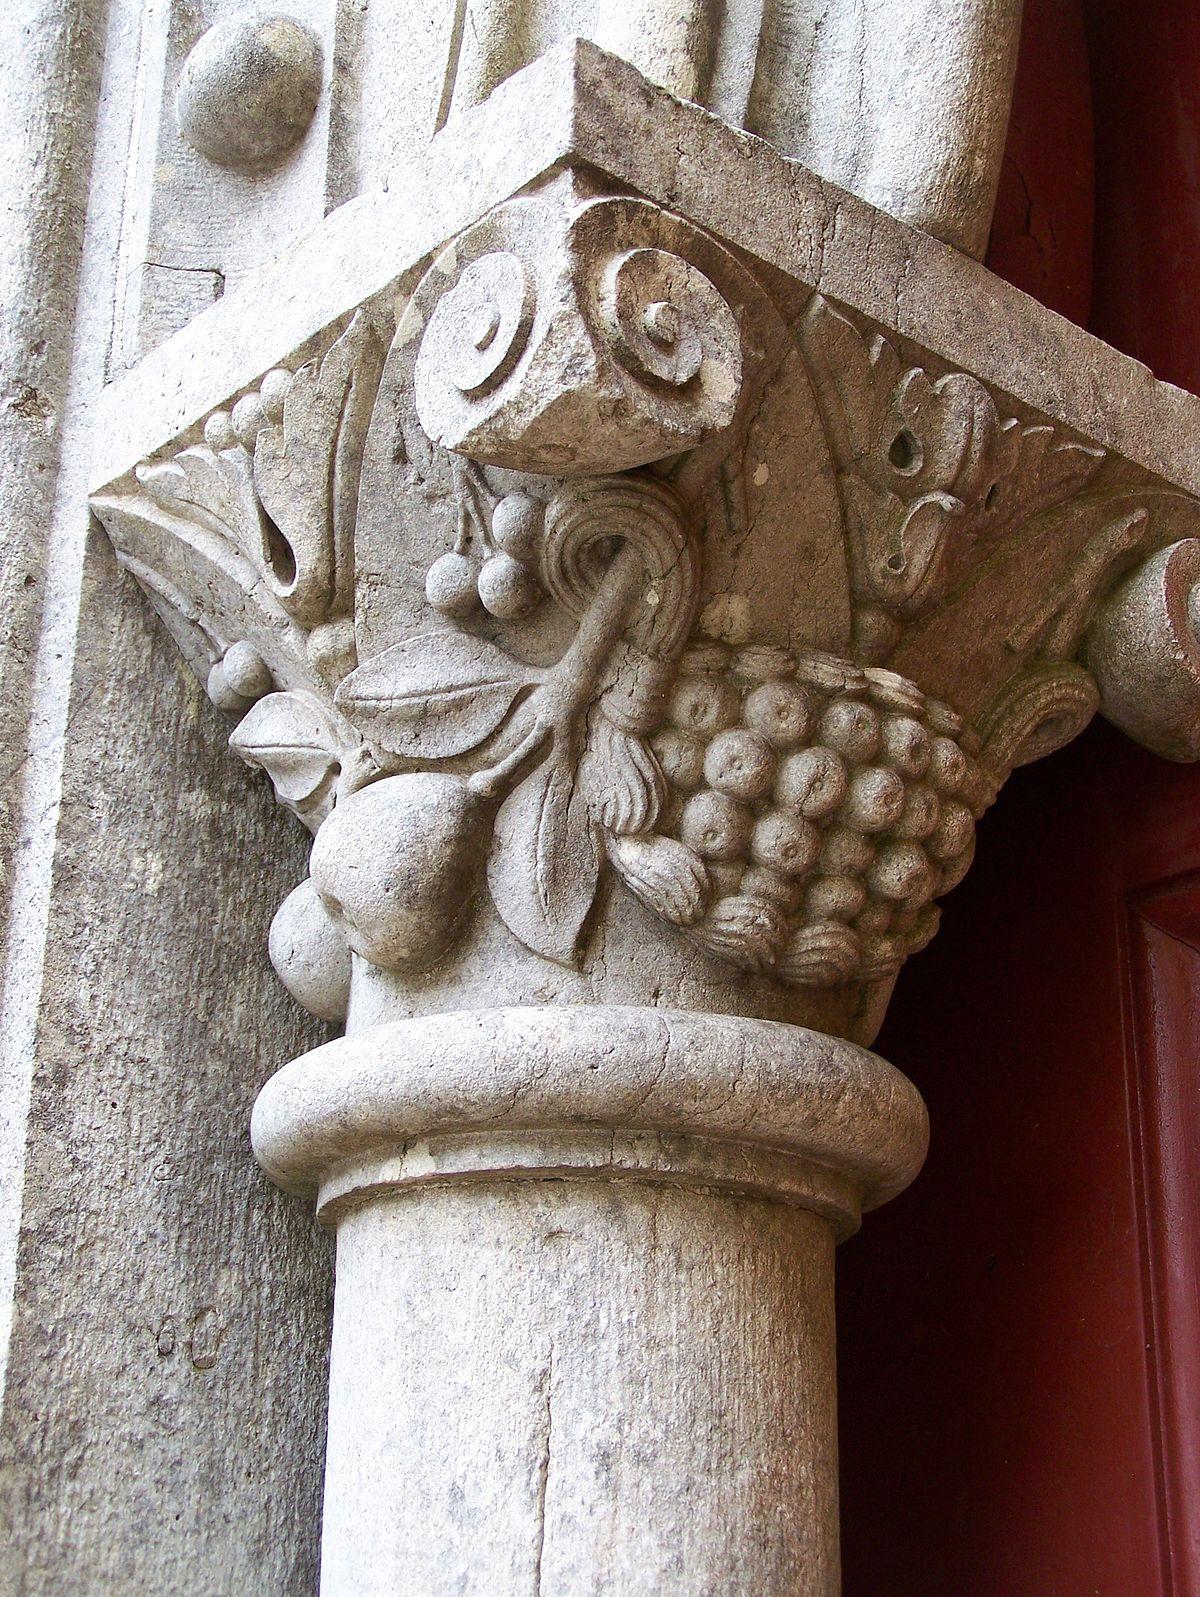 Astr galo arquitectura wikipedia la enciclopedia libre for Arte arquitectura definicion